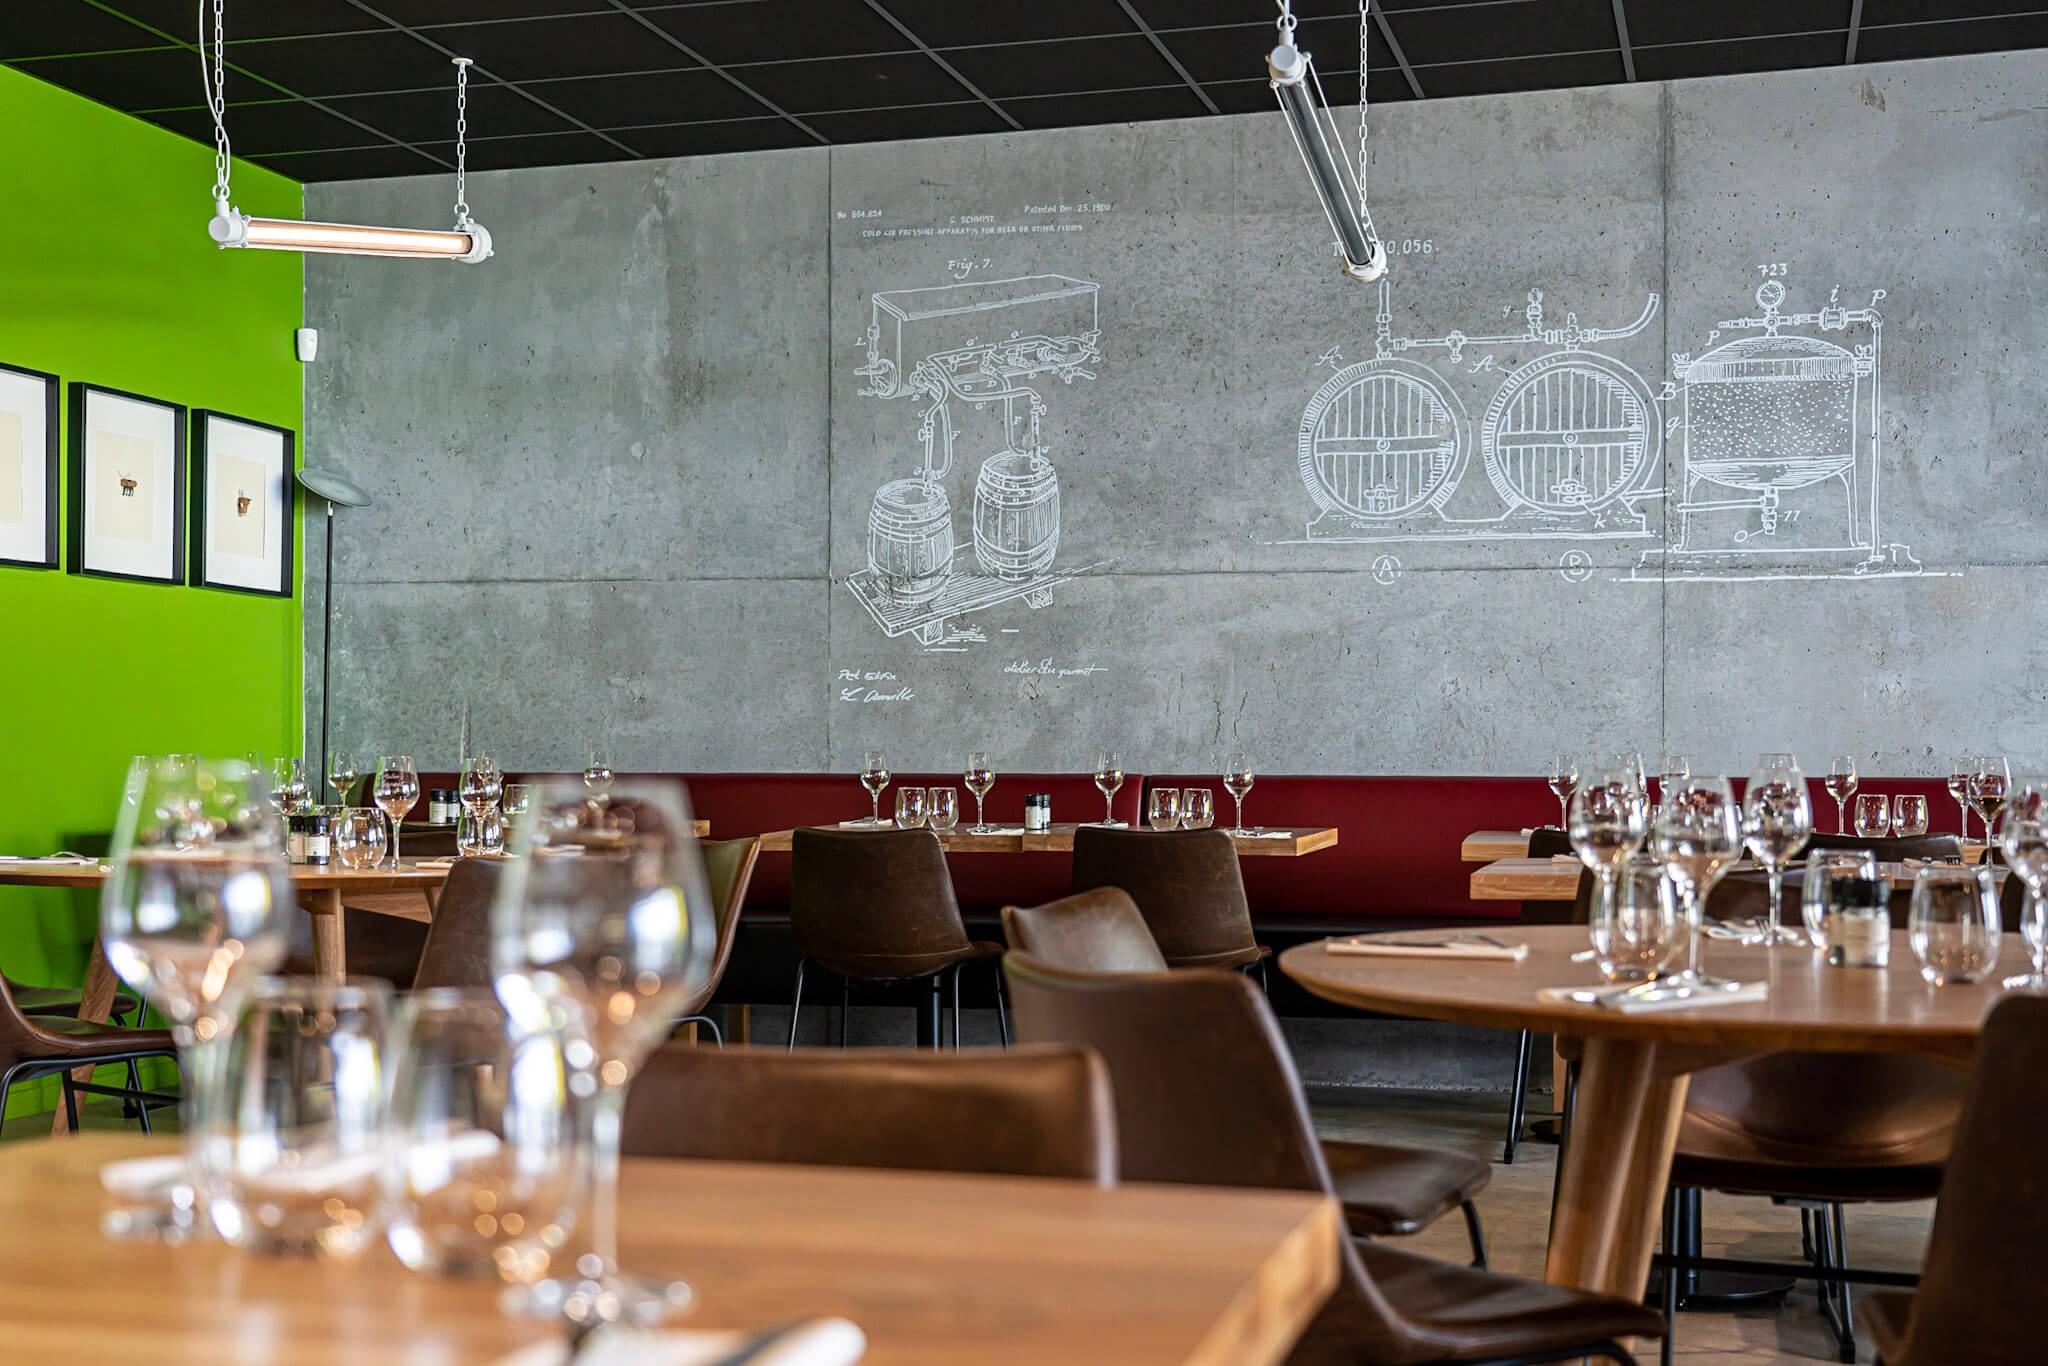 Les réalisations Lehmann Studio, photographe à Angers - reportage photo restaurant